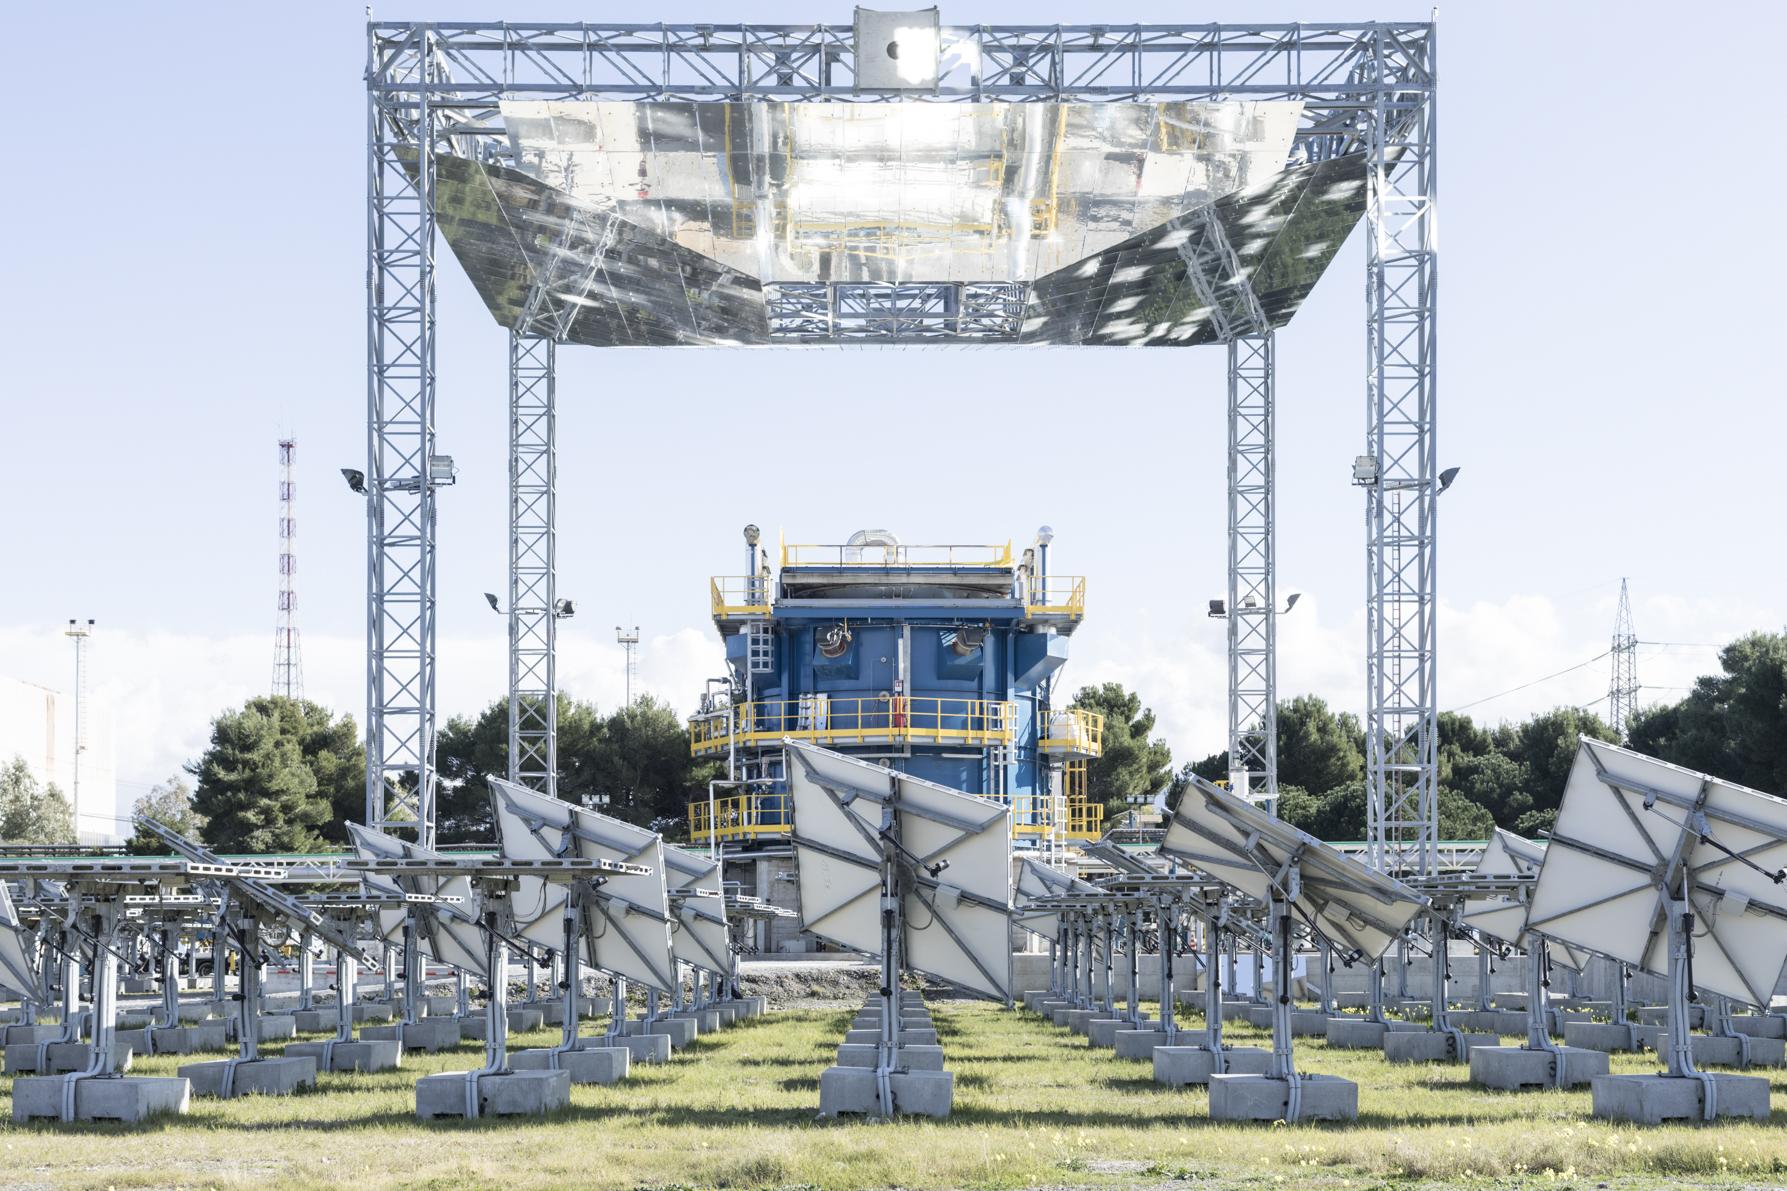 2017, San Filippo del Mela, Messina, Italy. STEM - Solar Thermo Elettric Magaldi, the plant during the automatic alignment of the mirrors. © FABRIZIO GIRALDI